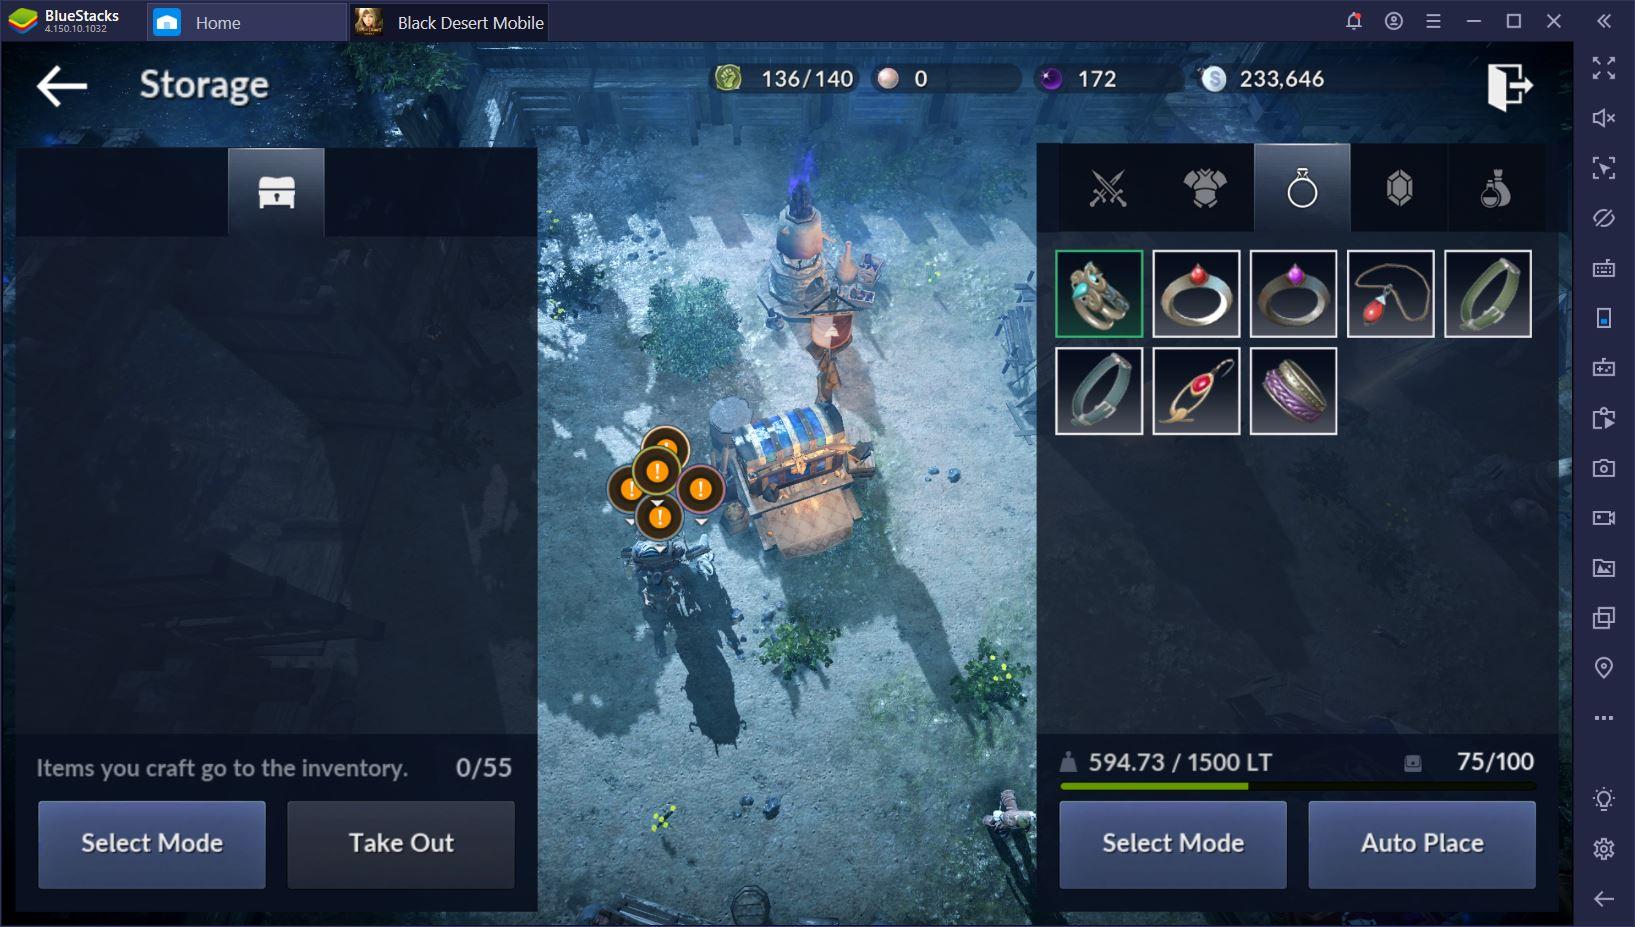 Black Desert Mobile on PC: The Best Tips and Tricks for Beginners